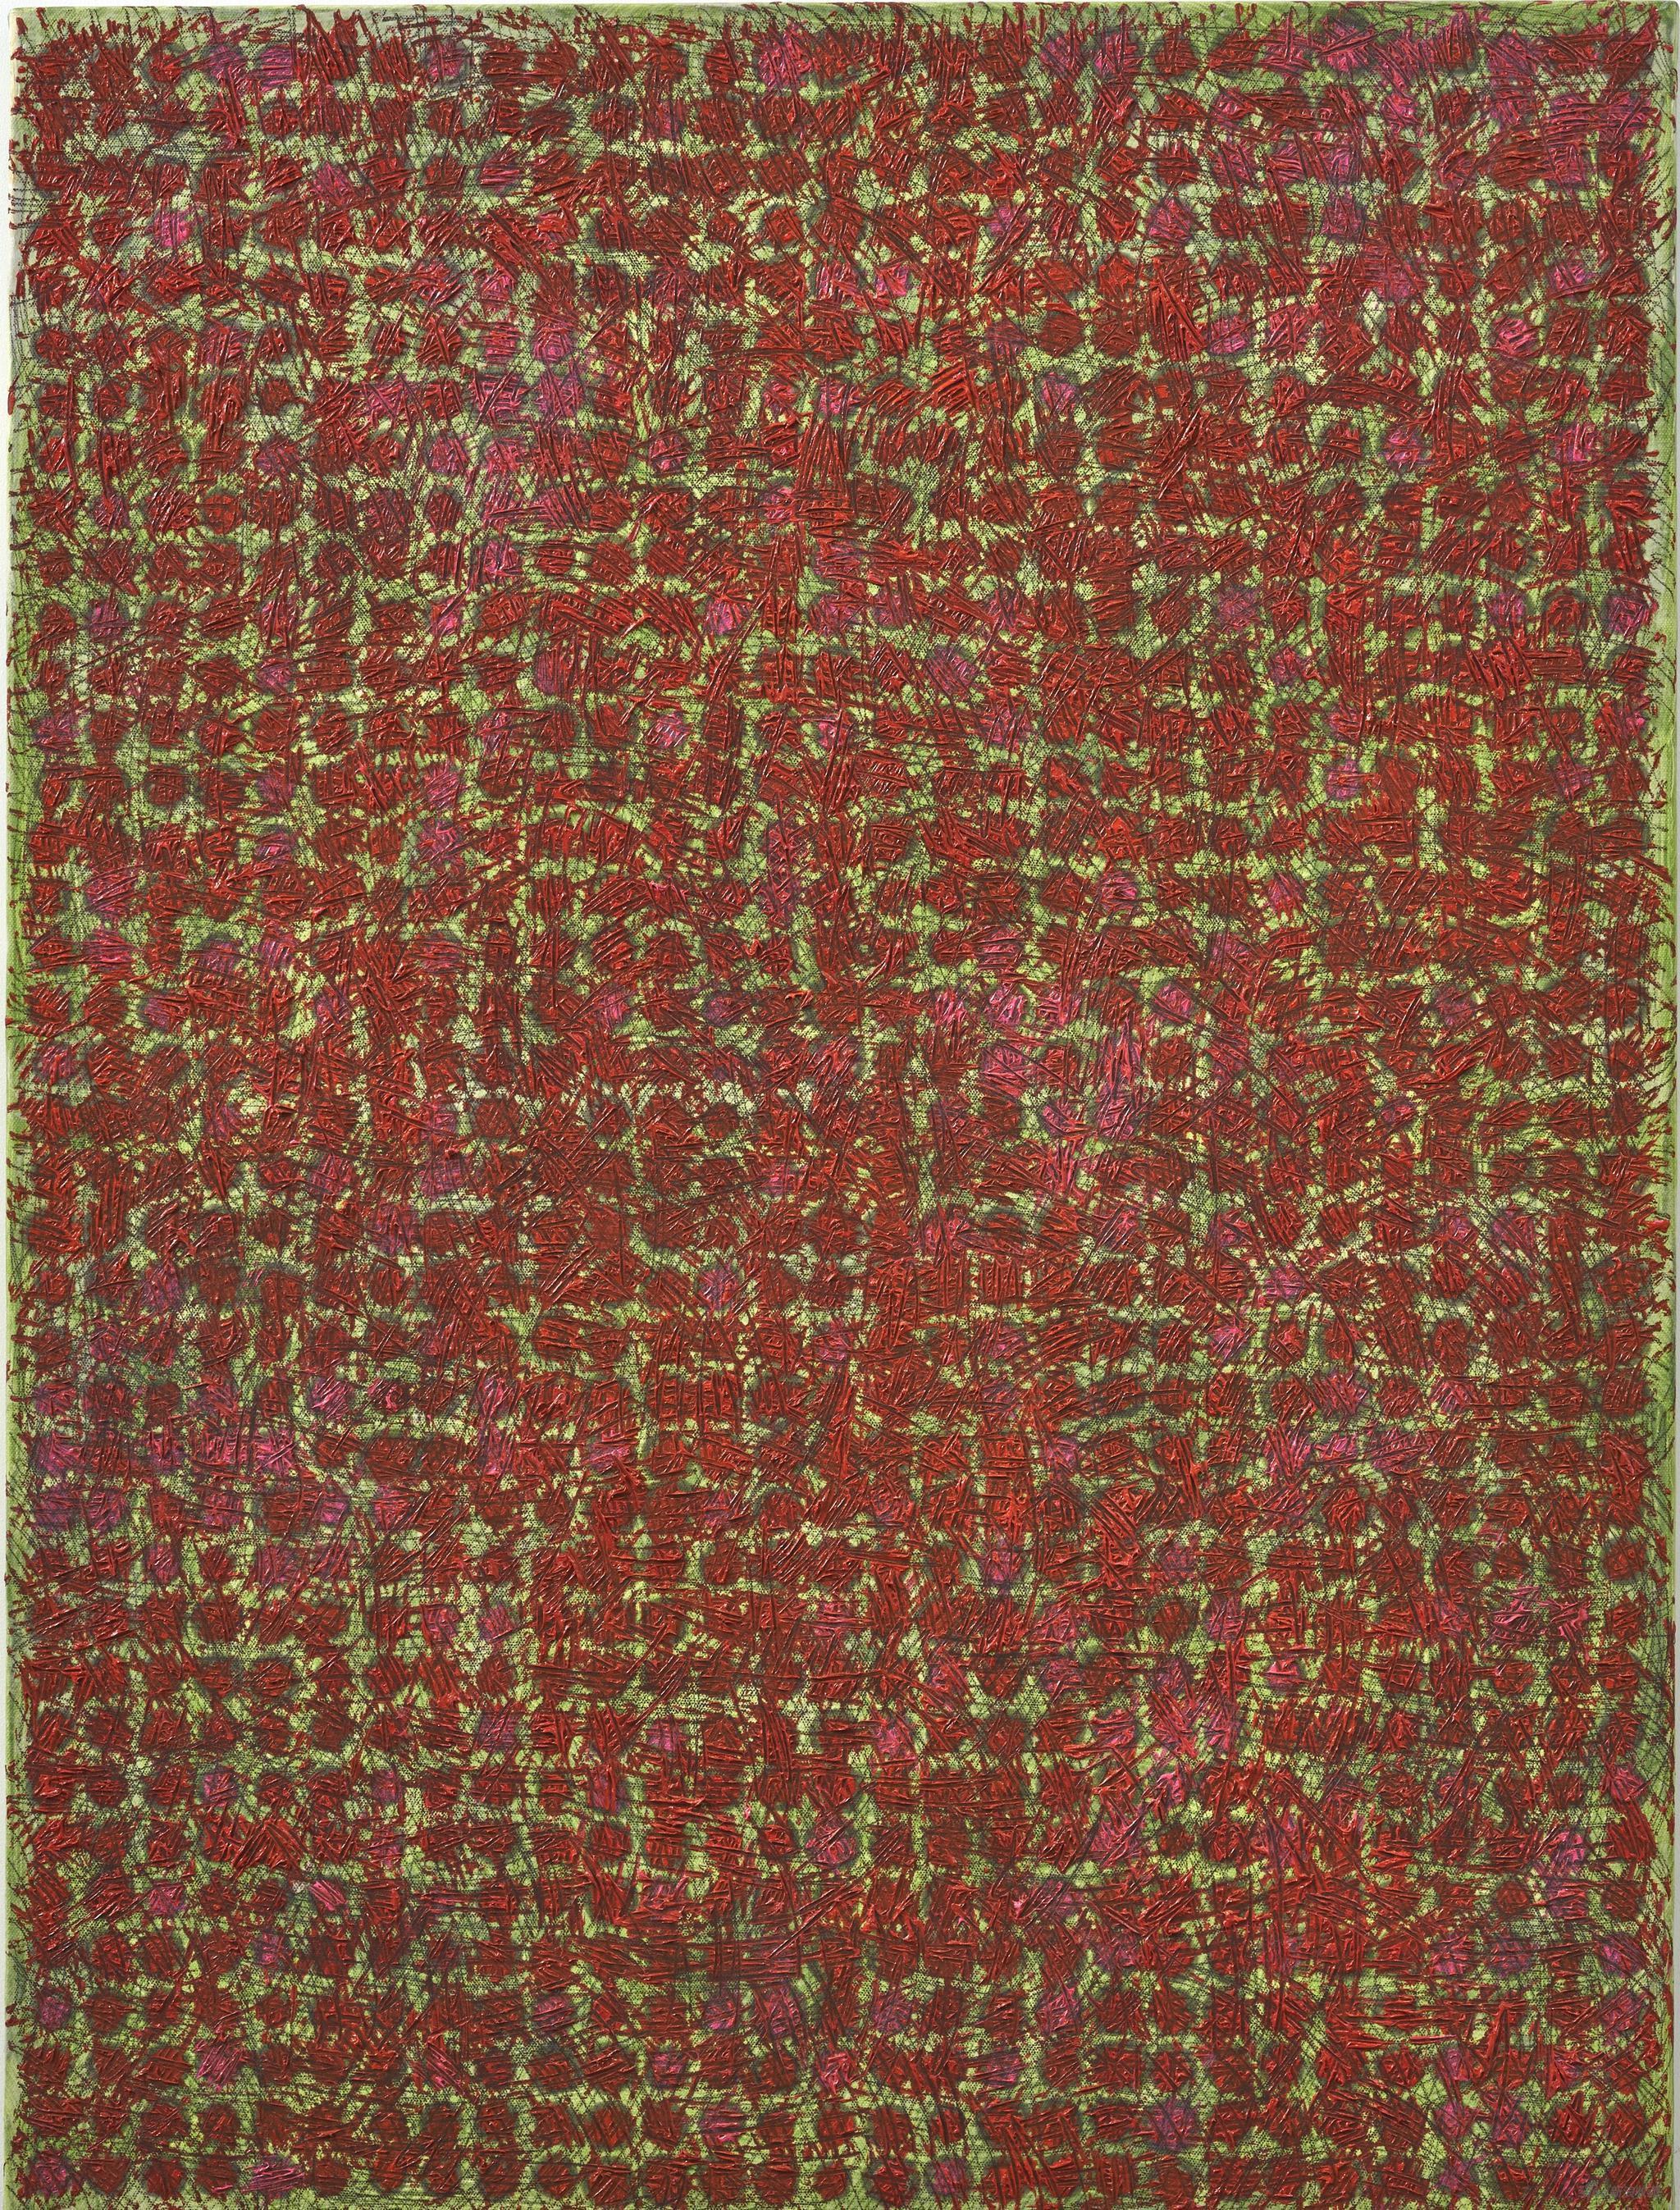 陈墙CHEN Qiang,Work 13-9,2013,布上宣纸、墨和油彩 Rice paper, ink and oil on canvas,120 x 90 cm